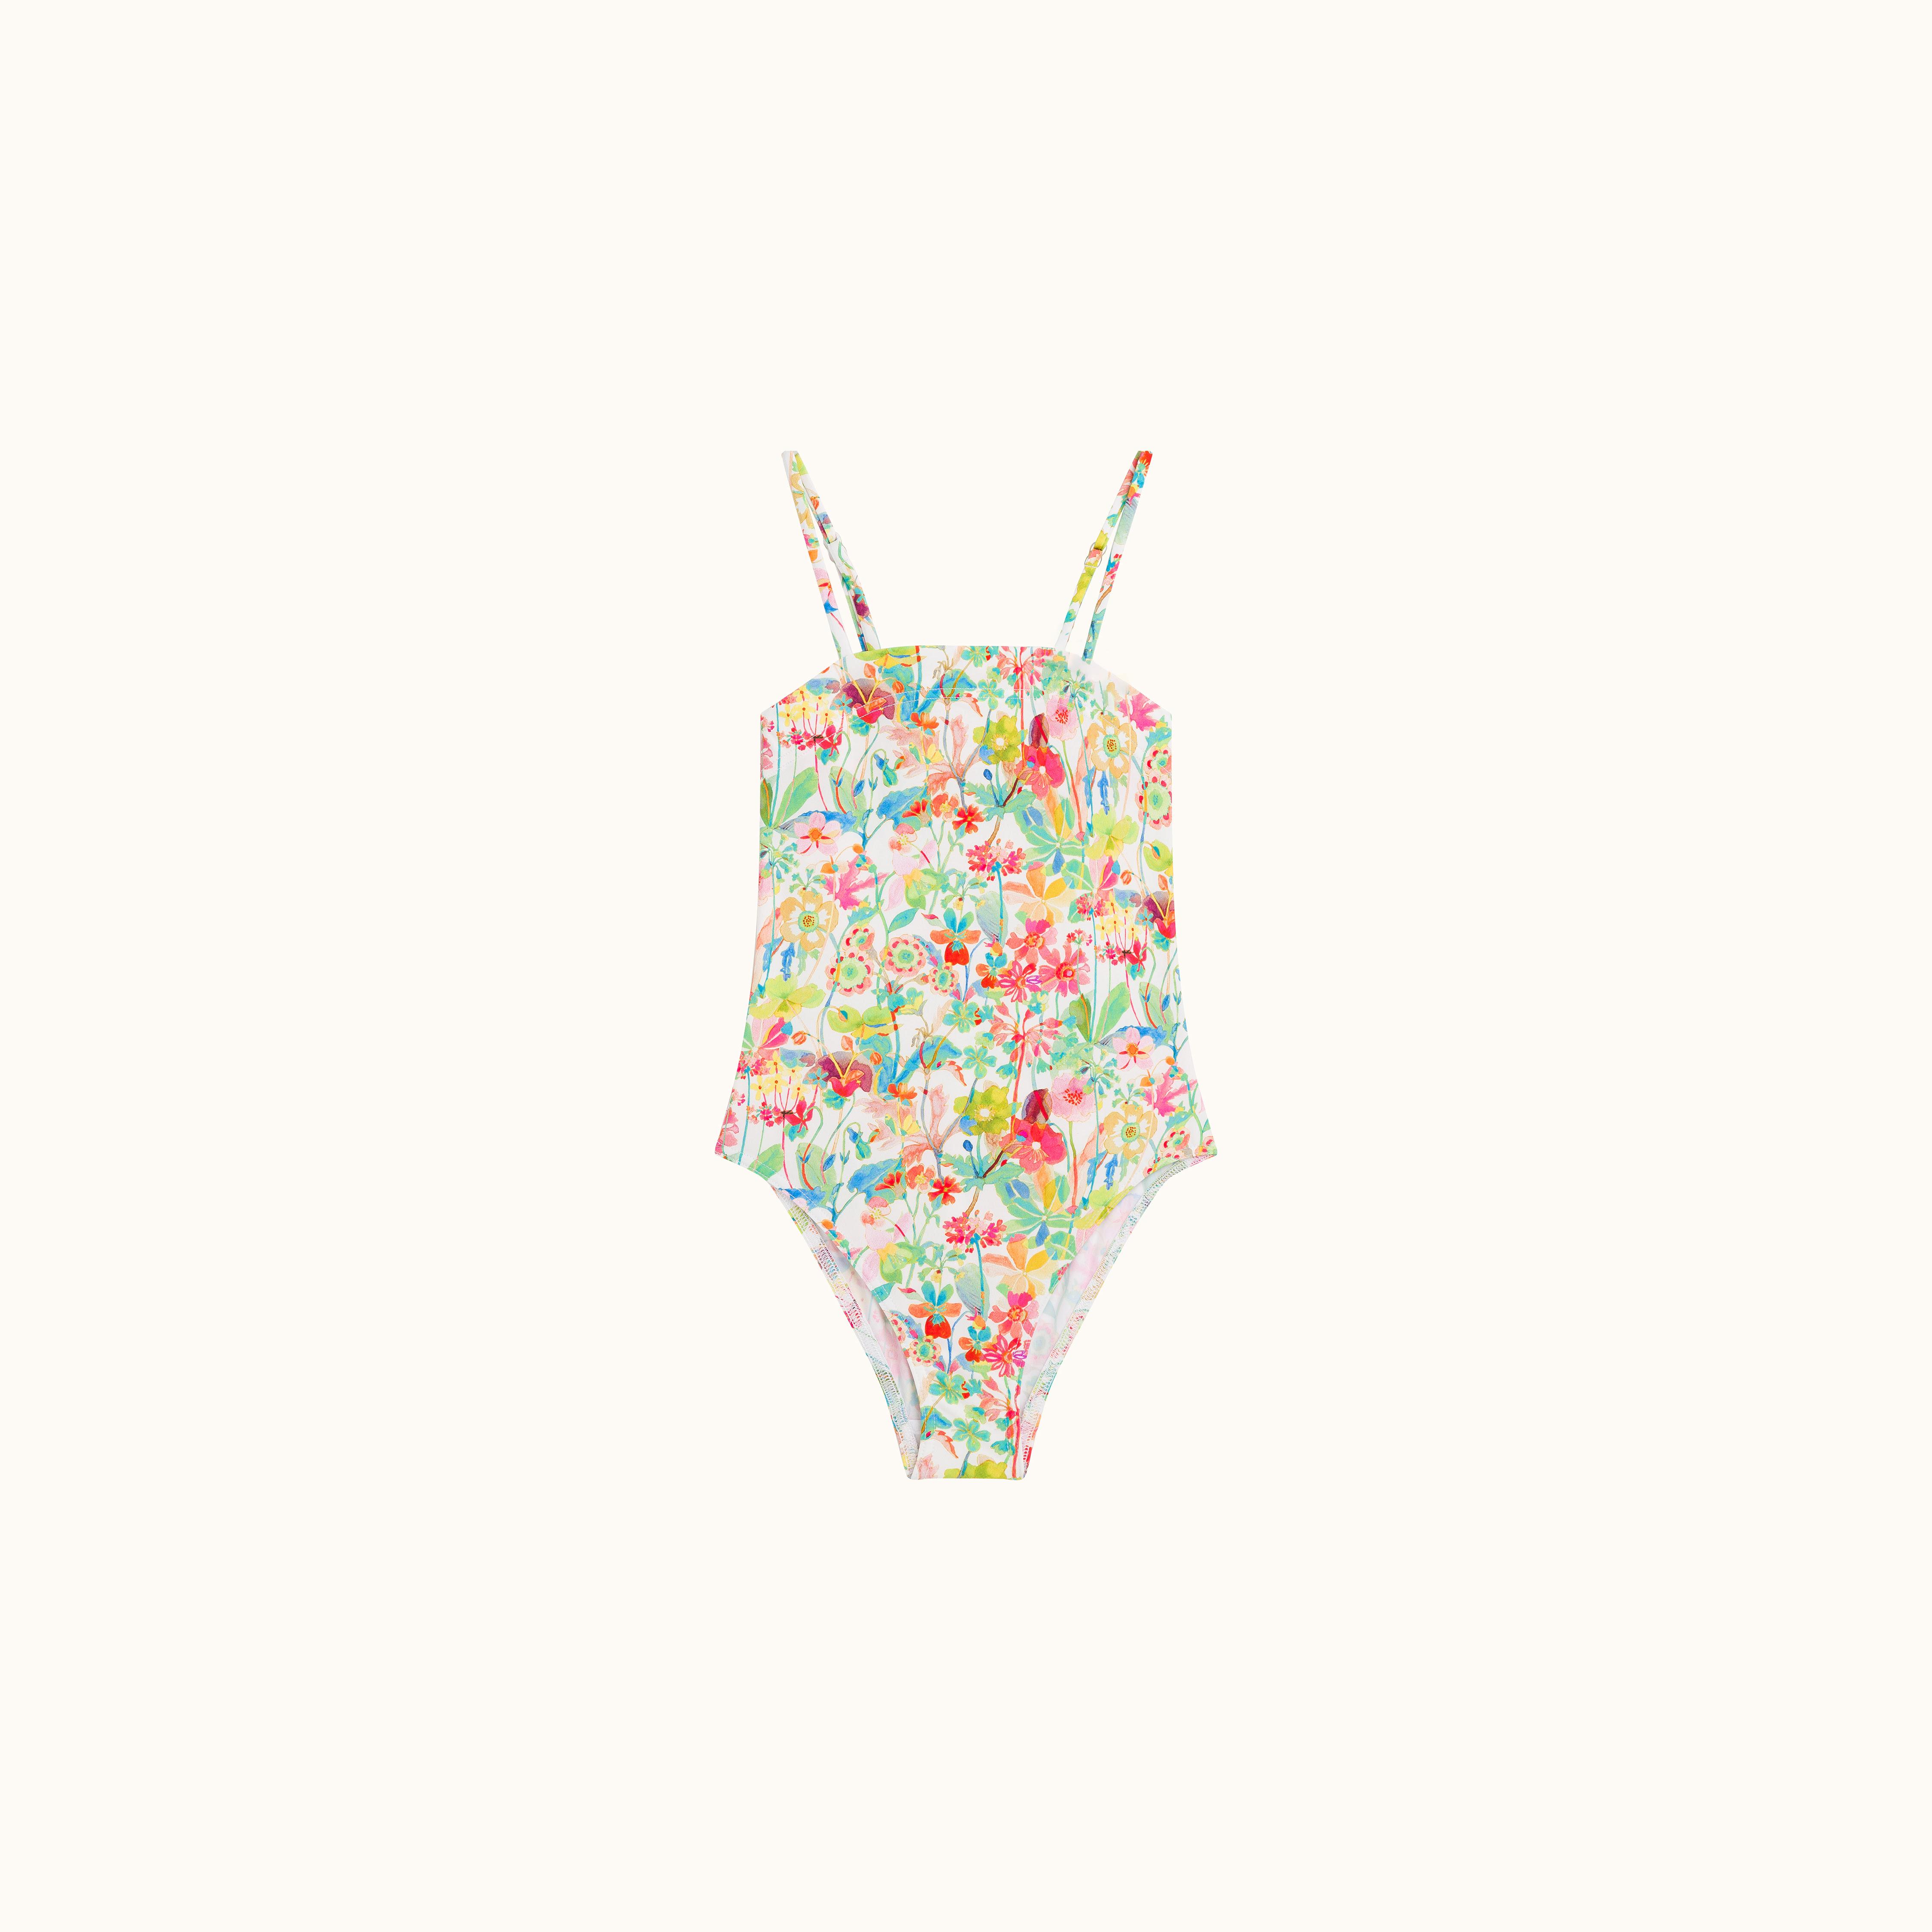 1ce5443d 1dfd 4266 9be1 a91778810c89 - Eres y Bonpoint colaboran en una colección de  ropa de baño para niñas y madres